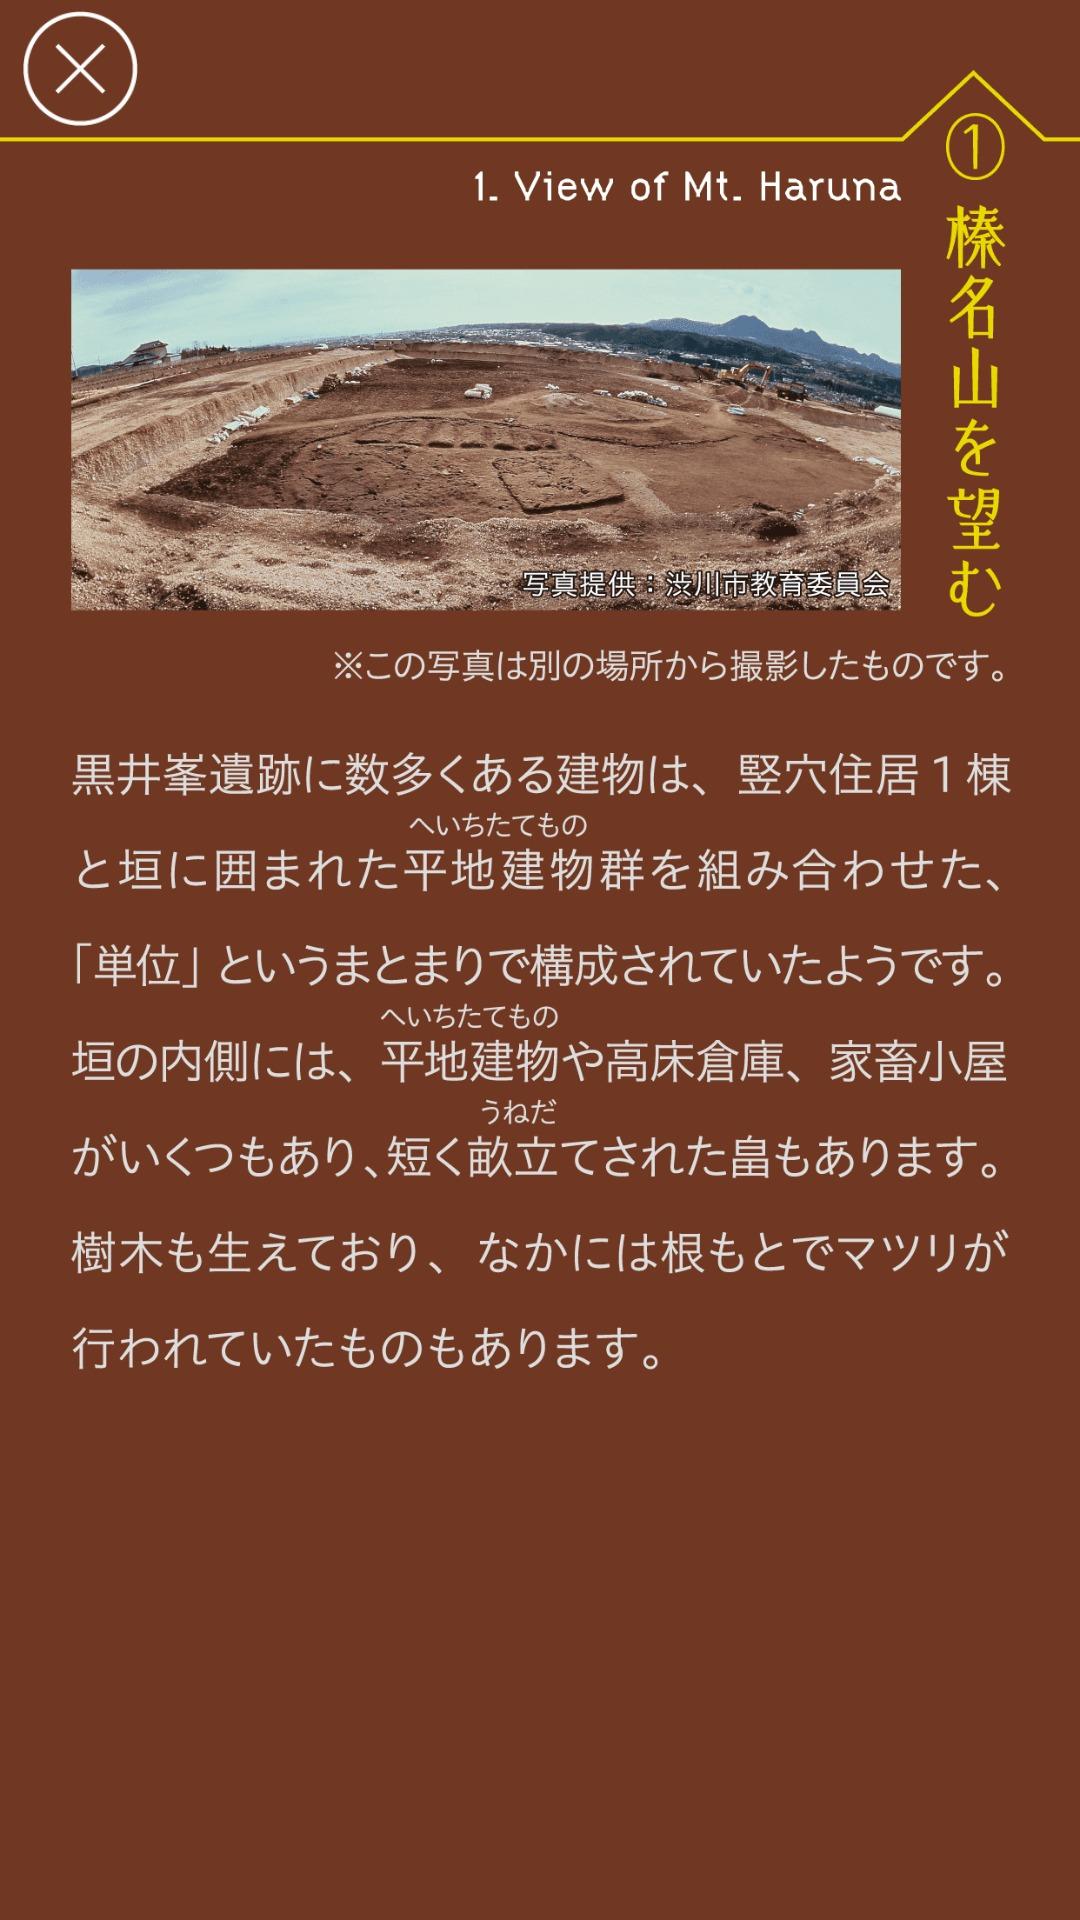 黒井峯タイムトラベル 榛名山を望む